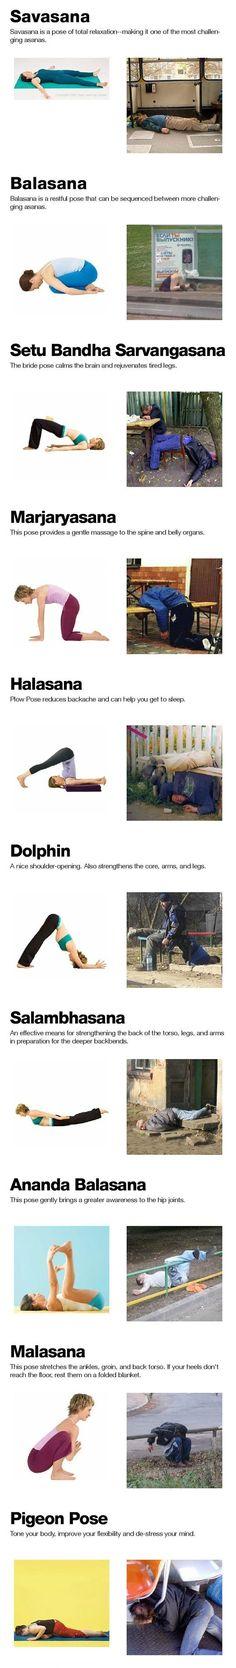 Drunken Yoga